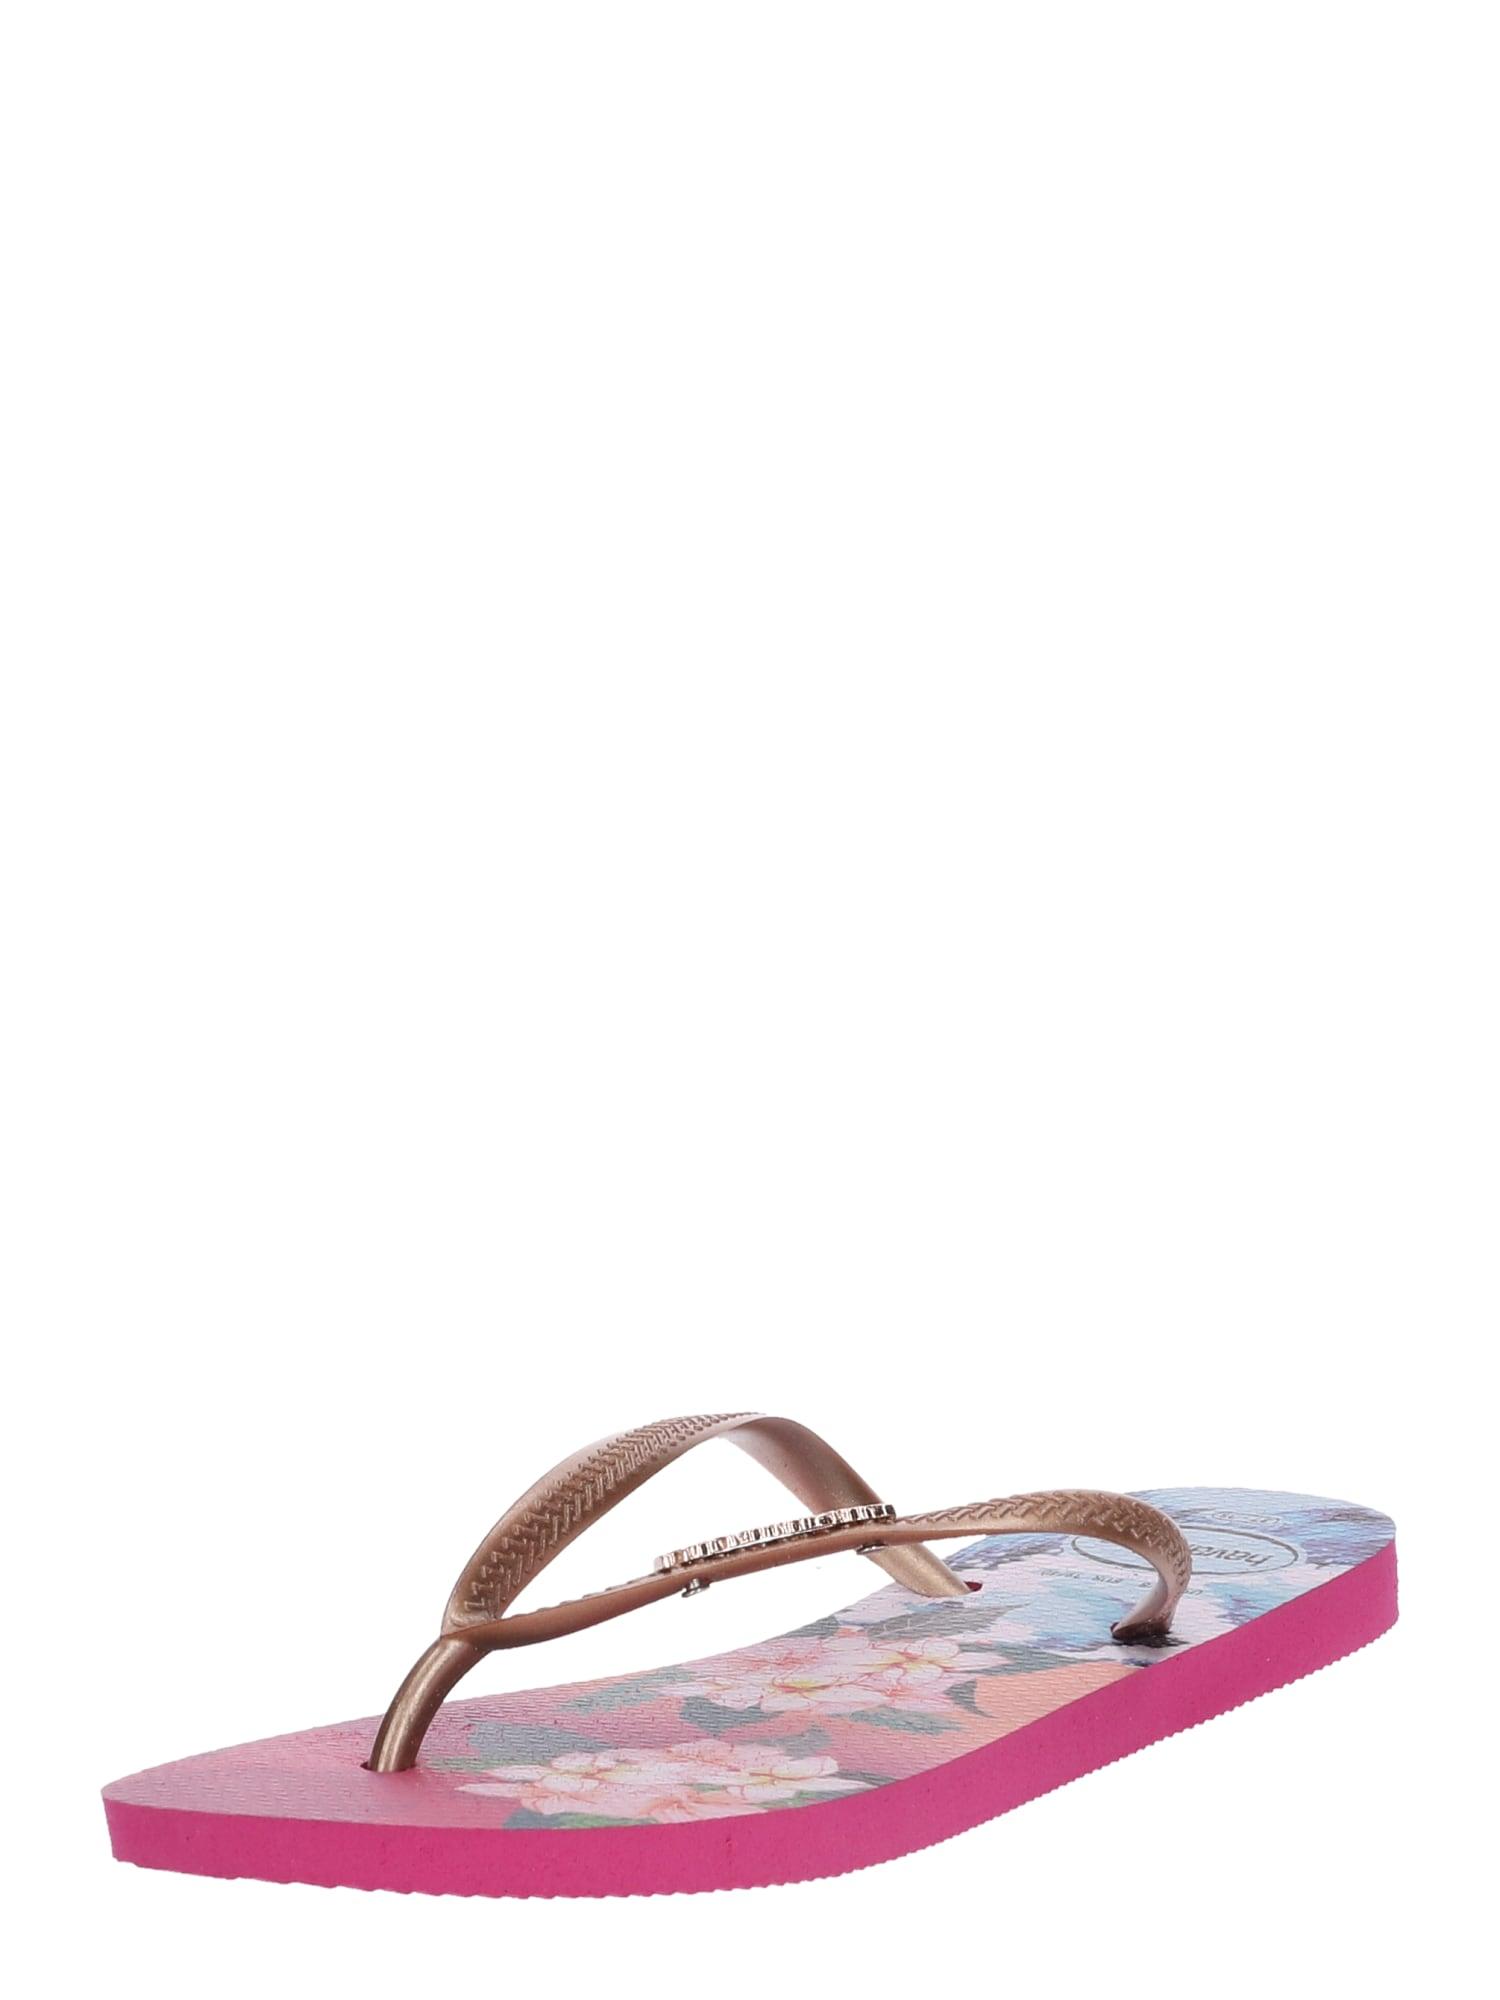 Žabky Slim Tropical Wave béžová modrá pink HAVAIANAS